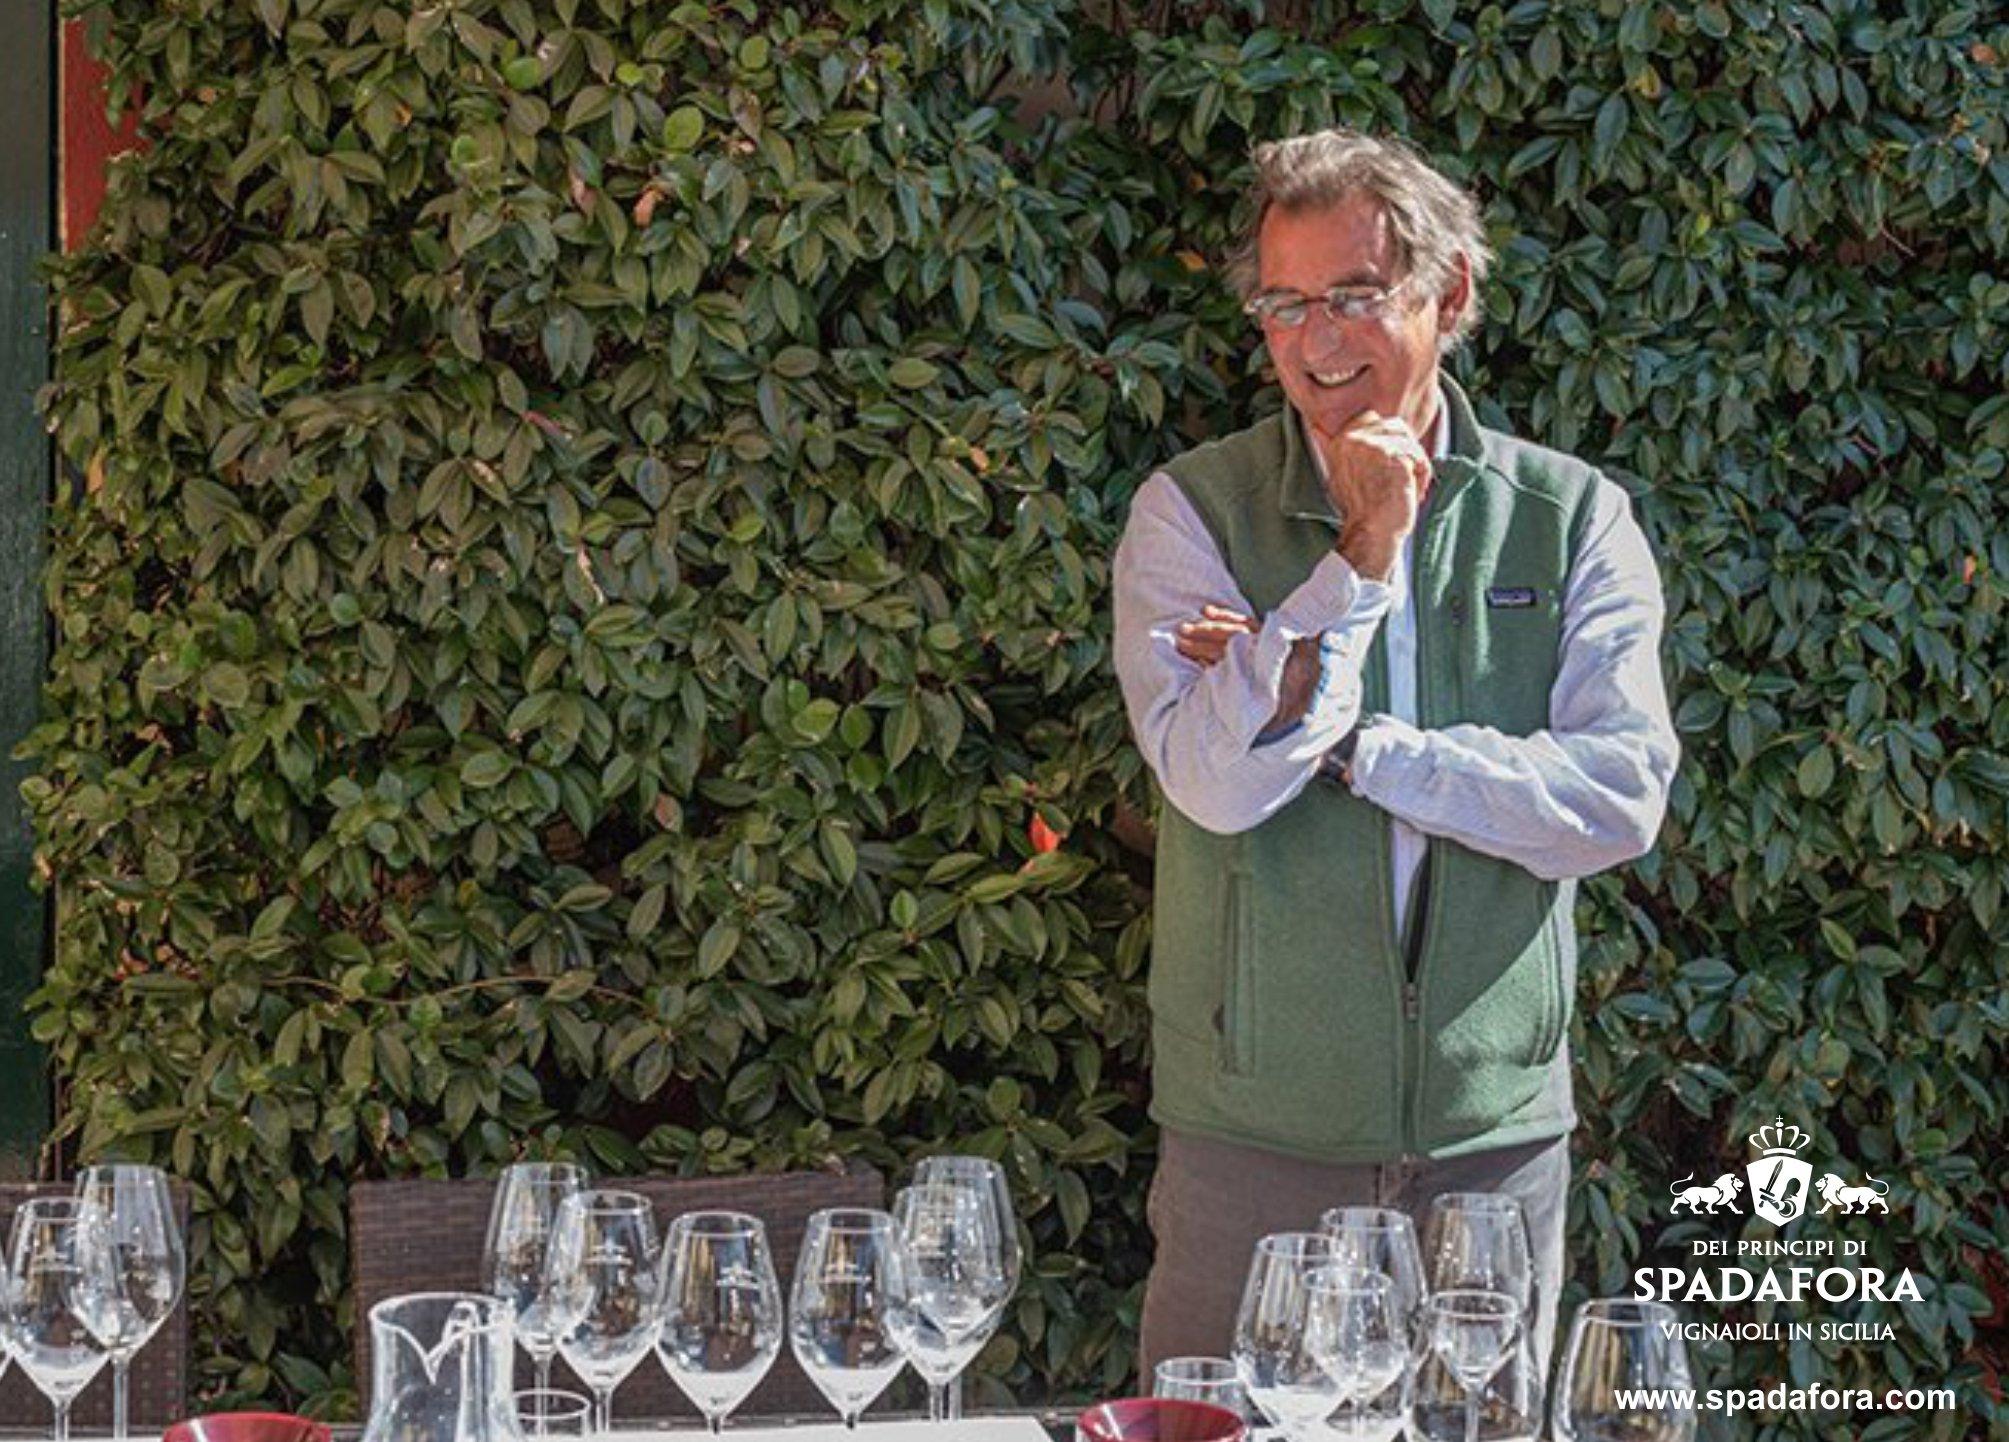 cantina pregiata siciliana produce vino biologico, dei Principi di Spadafora